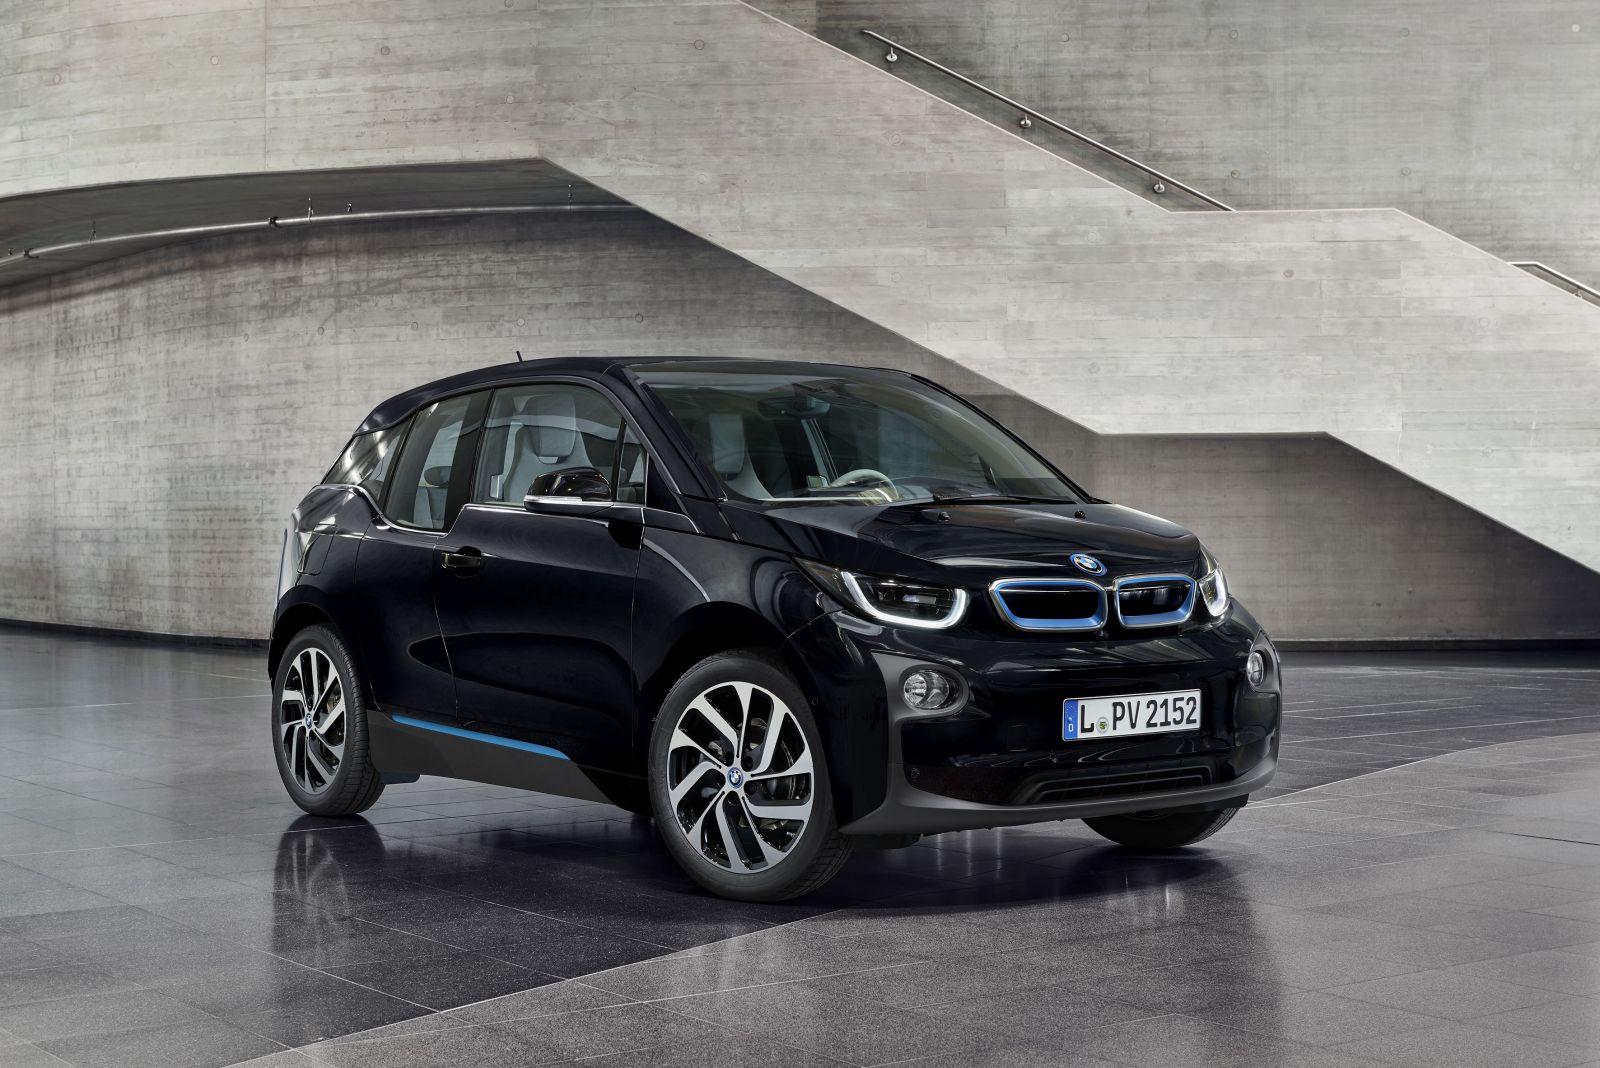 Elektrische Auto Goedkoop Leasen Met 4 Bijtelling Activlease